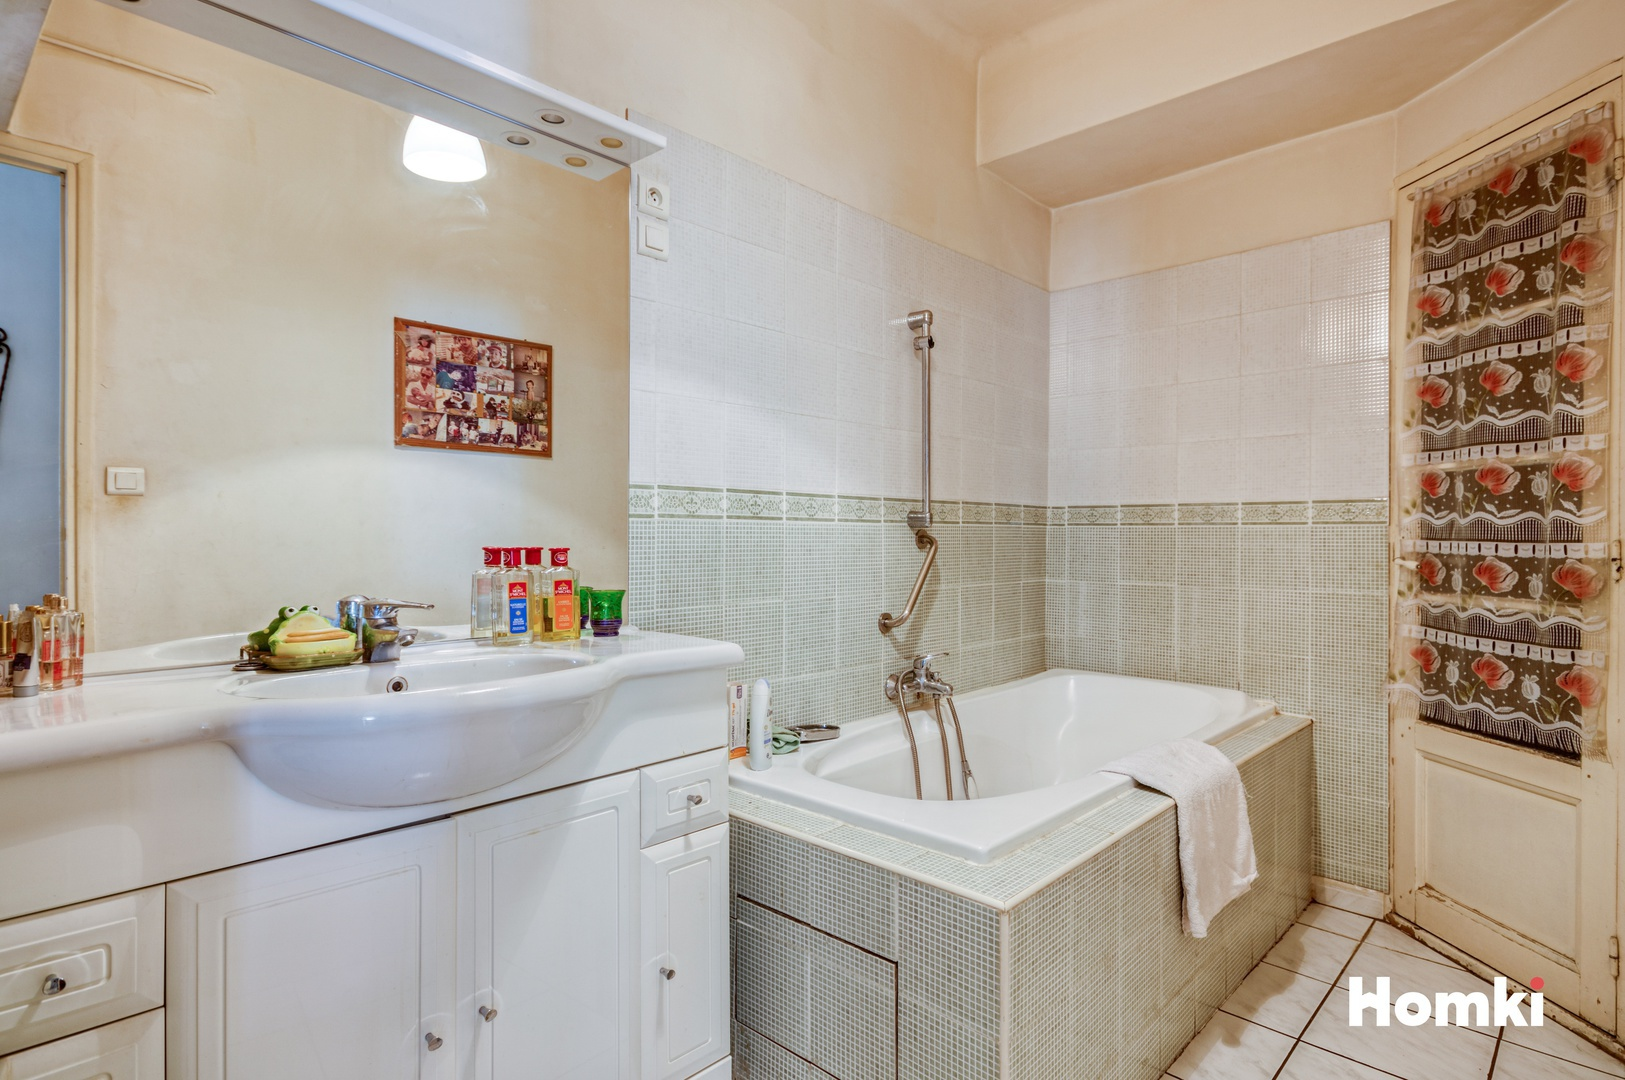 Homki - Vente Appartement  de 69.0 m² à Marseille 13005